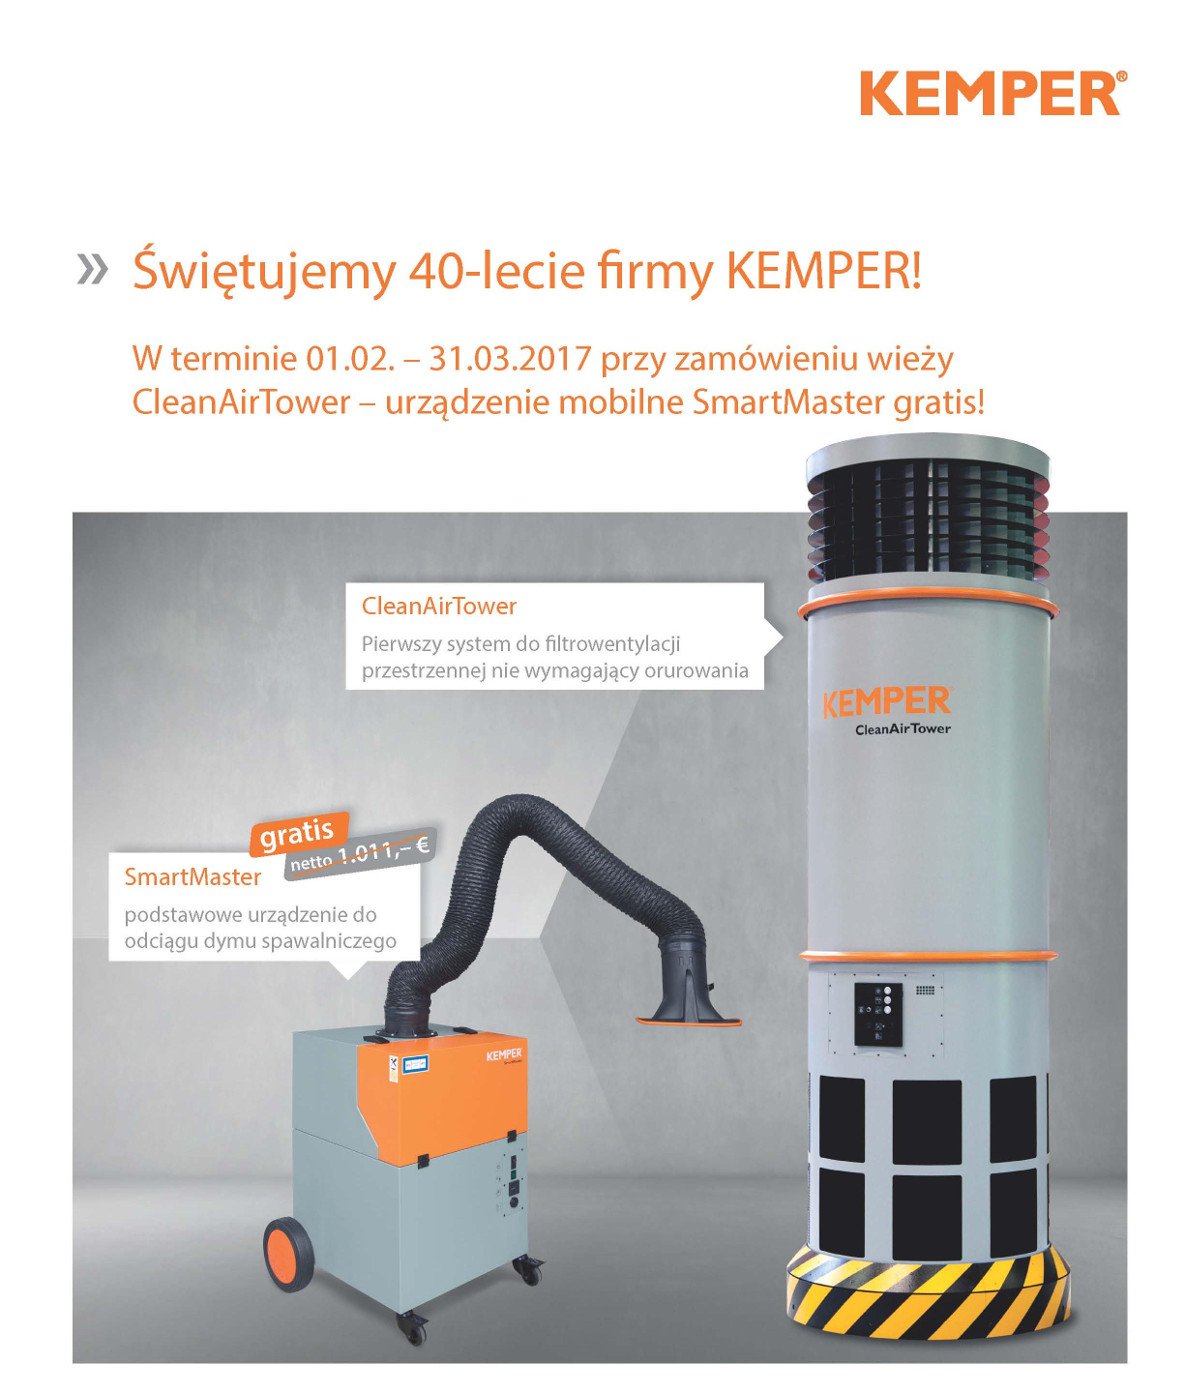 KEMPER wieża filtracyjna promocja 40-lecie firmy